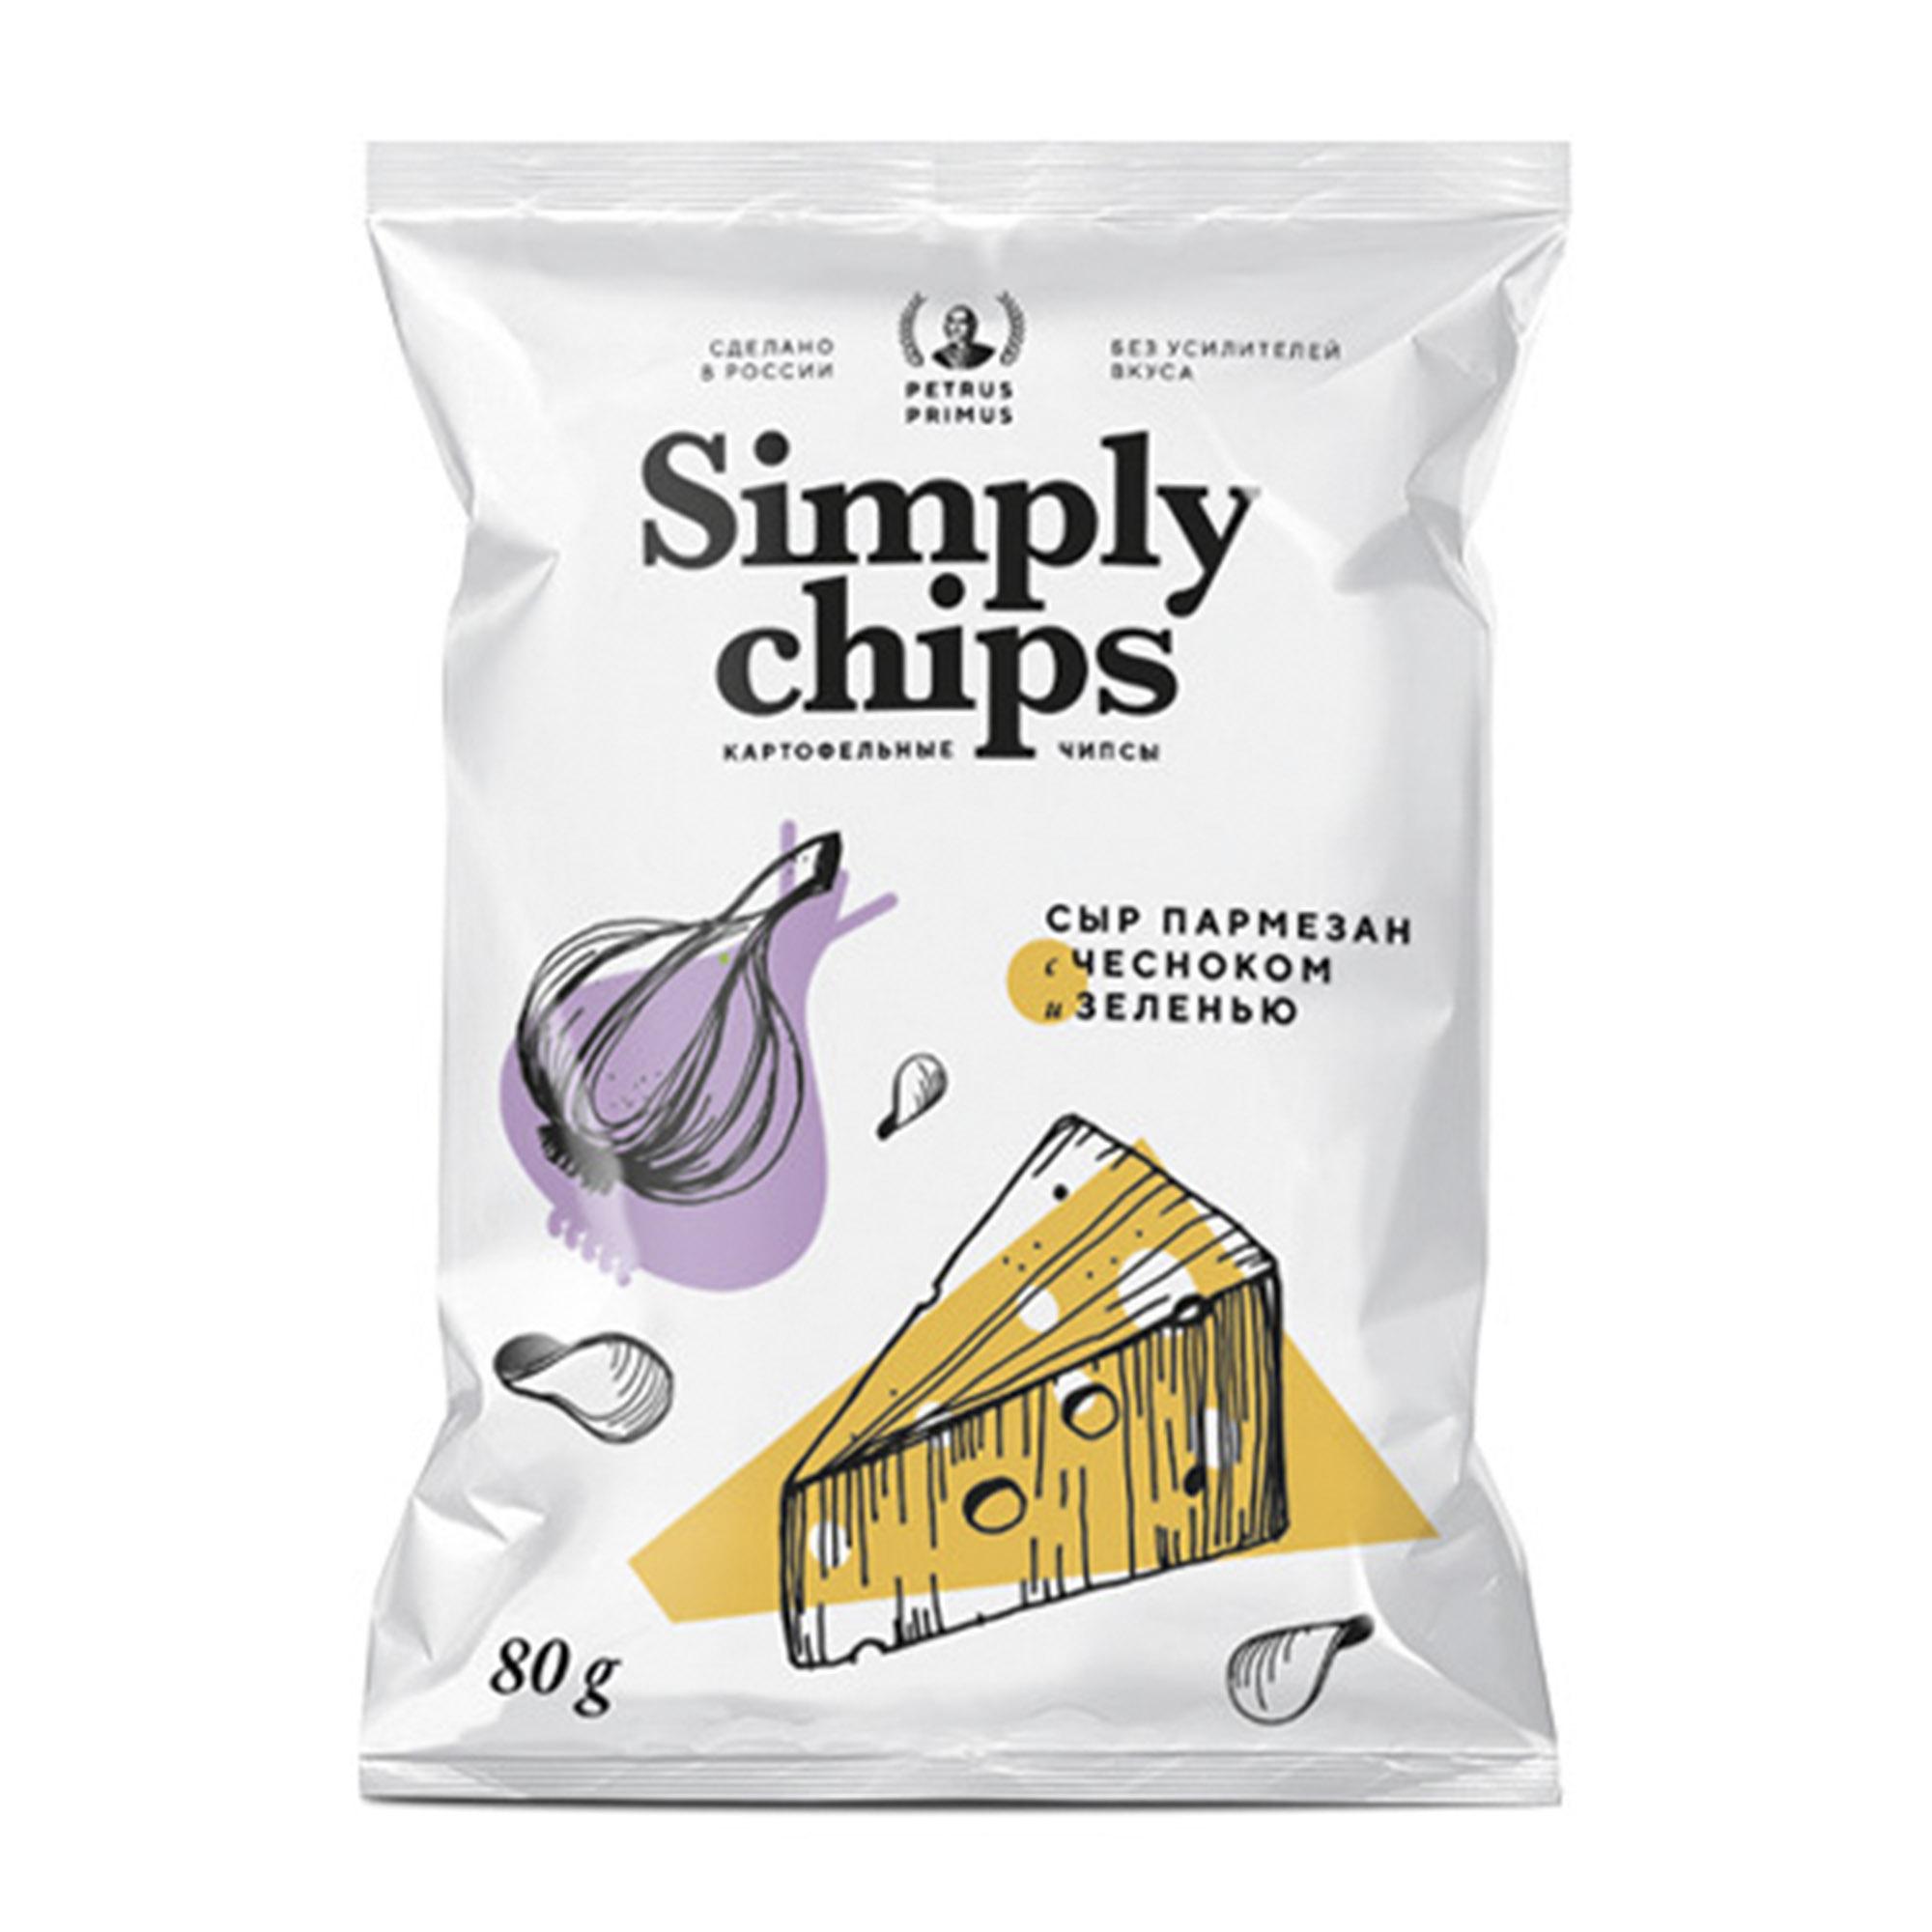 Чипсы картофельные Simply Chips Пармезан, чеснок, зелень 80 г